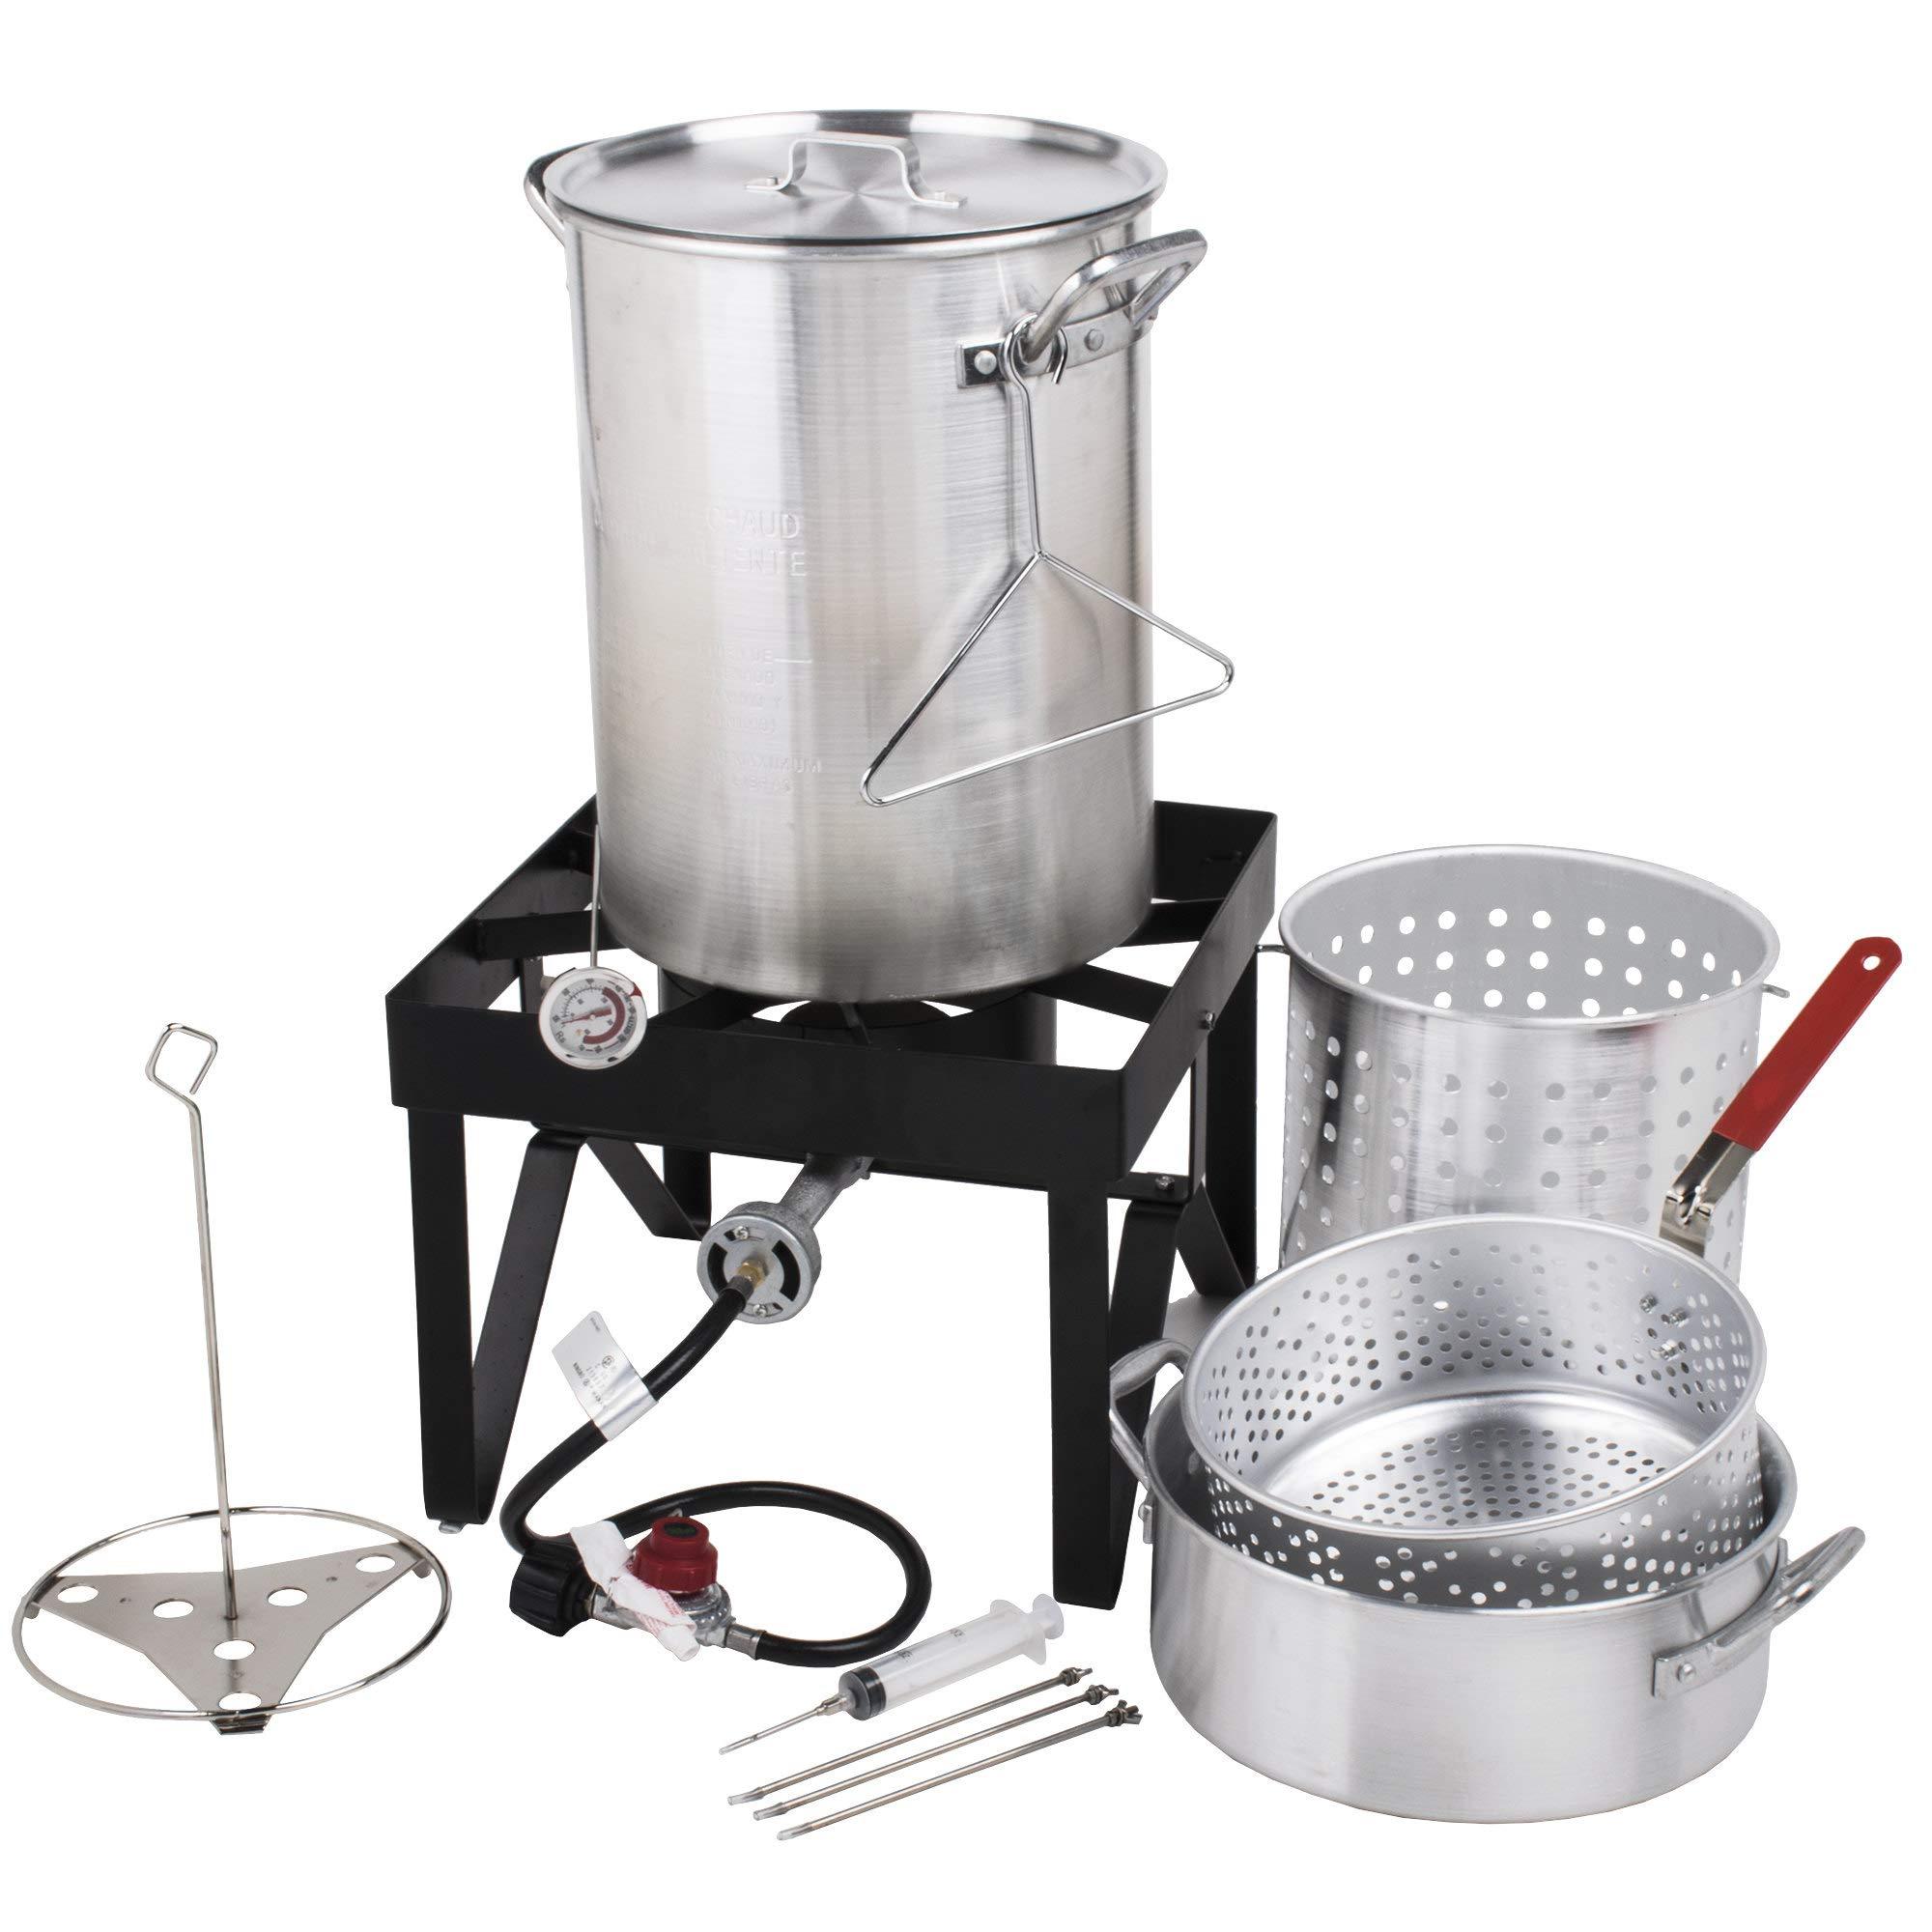 Commercial 30 Qt. Deluxe Aluminum Turkey Fryer Kit/Steamer Kit, Grade